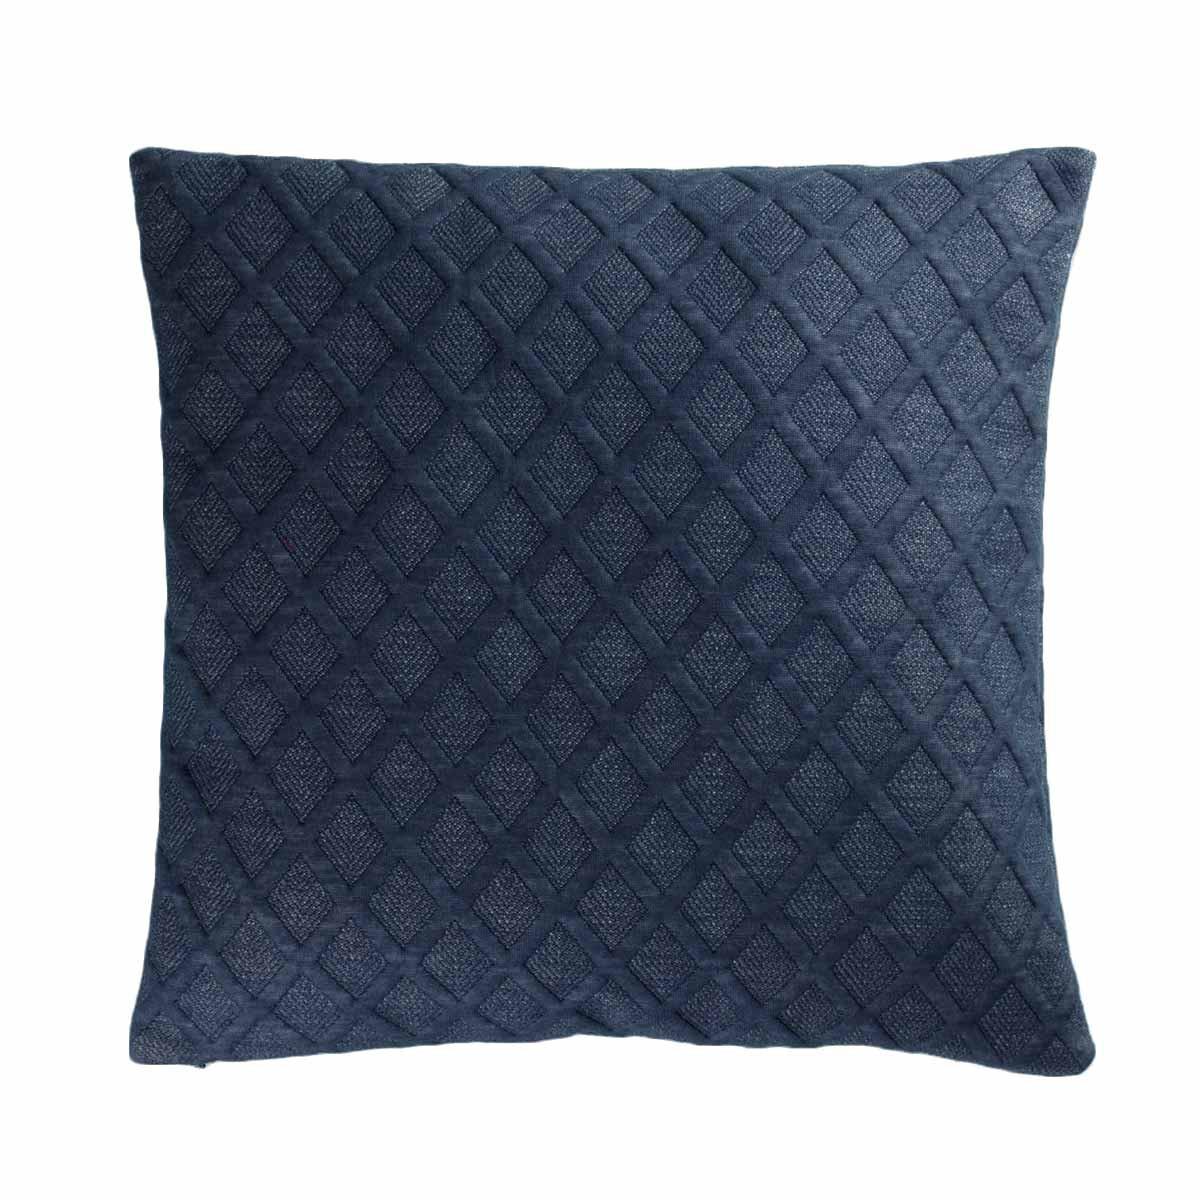 Διακοσμητική Μαξιλαροθήκη Maora Bleu 1607612